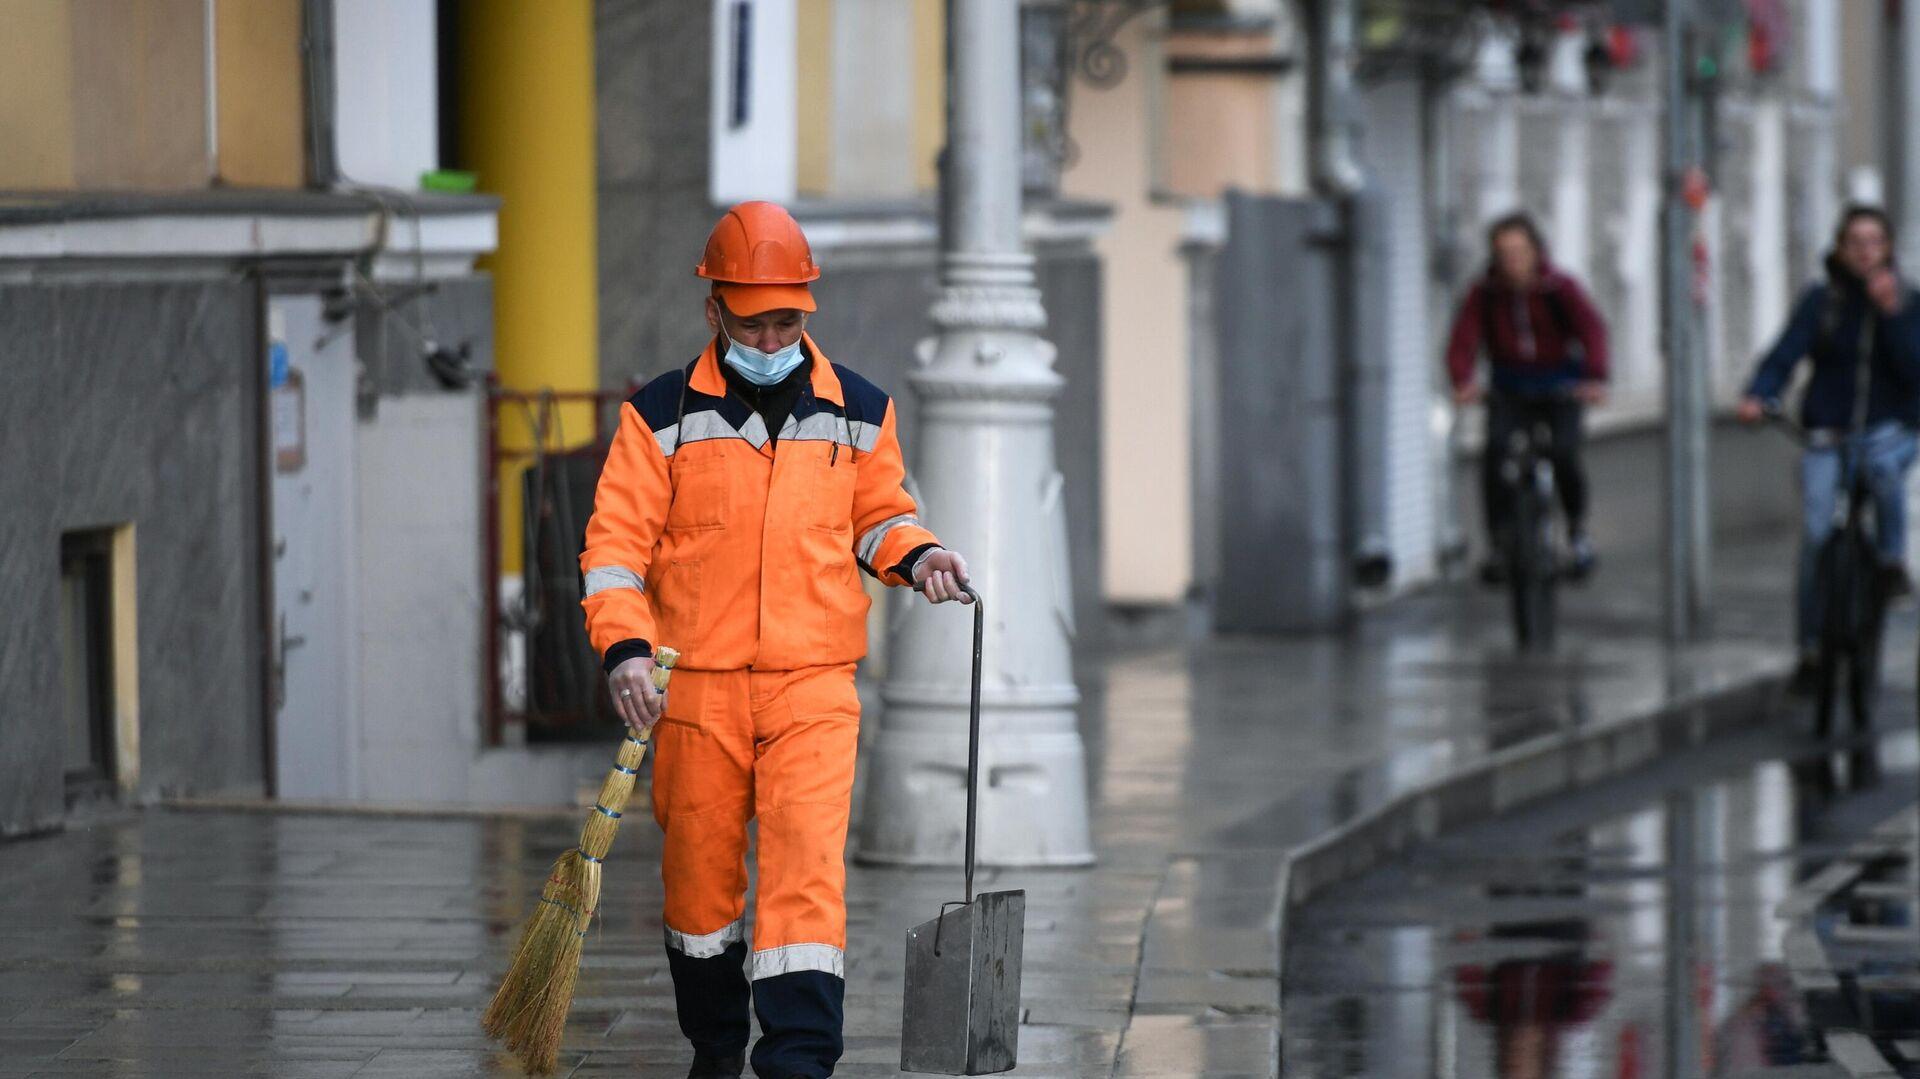 Сотрудник коммунальной службы убирает улицу в Москве - РИА Новости, 1920, 11.10.2020